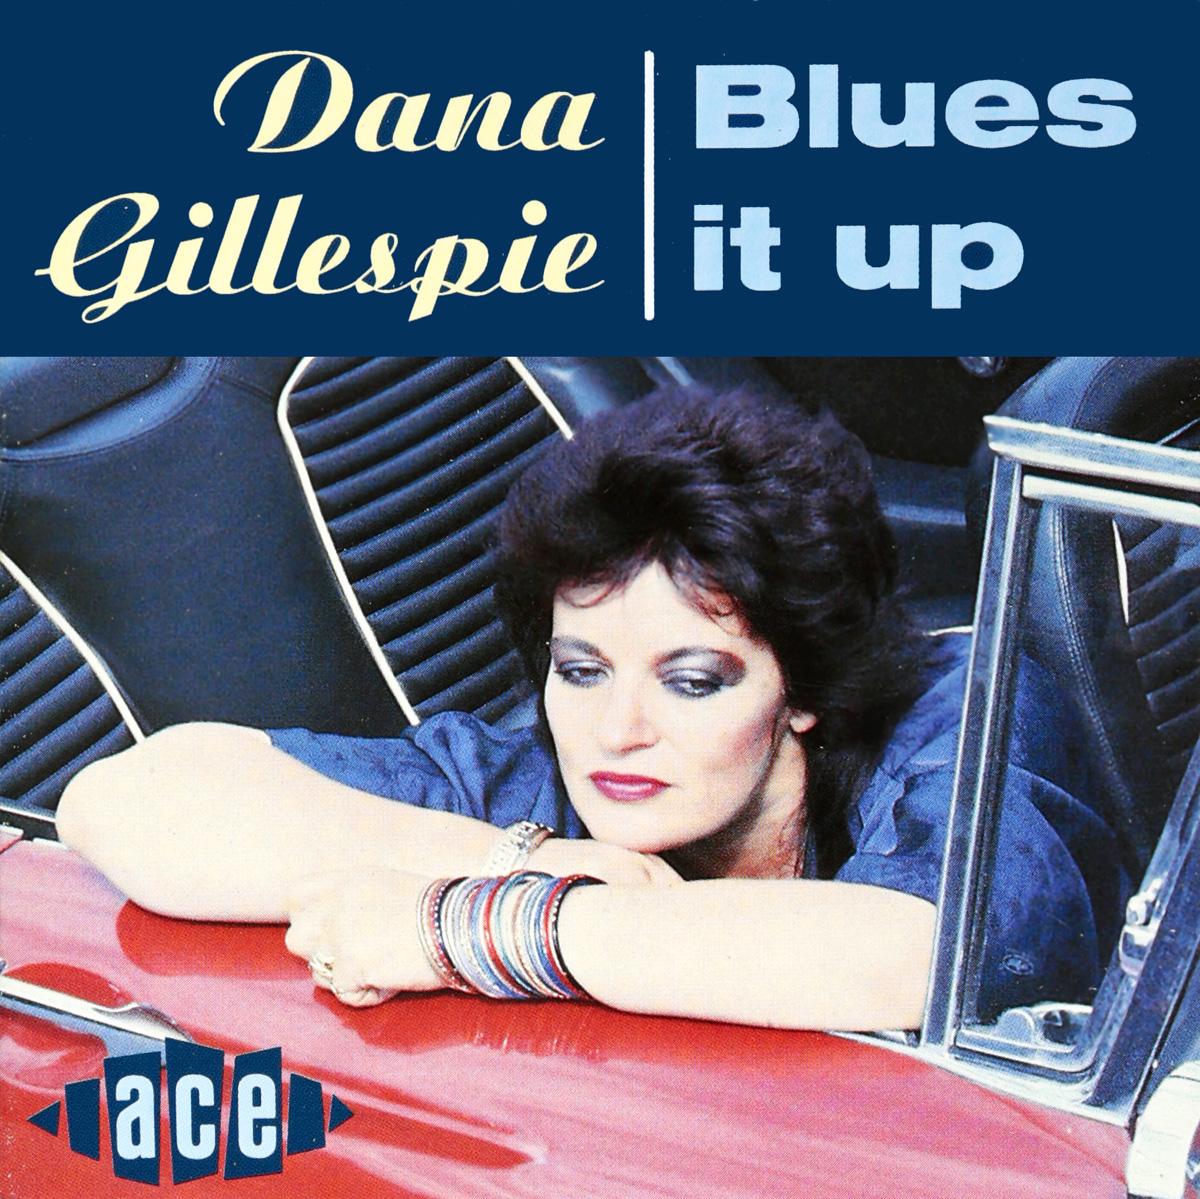 Дана Гиллеспи Dana Gillespie. Blues It Up дана гиллеспи the london blues band dana gillespie the london blues band live